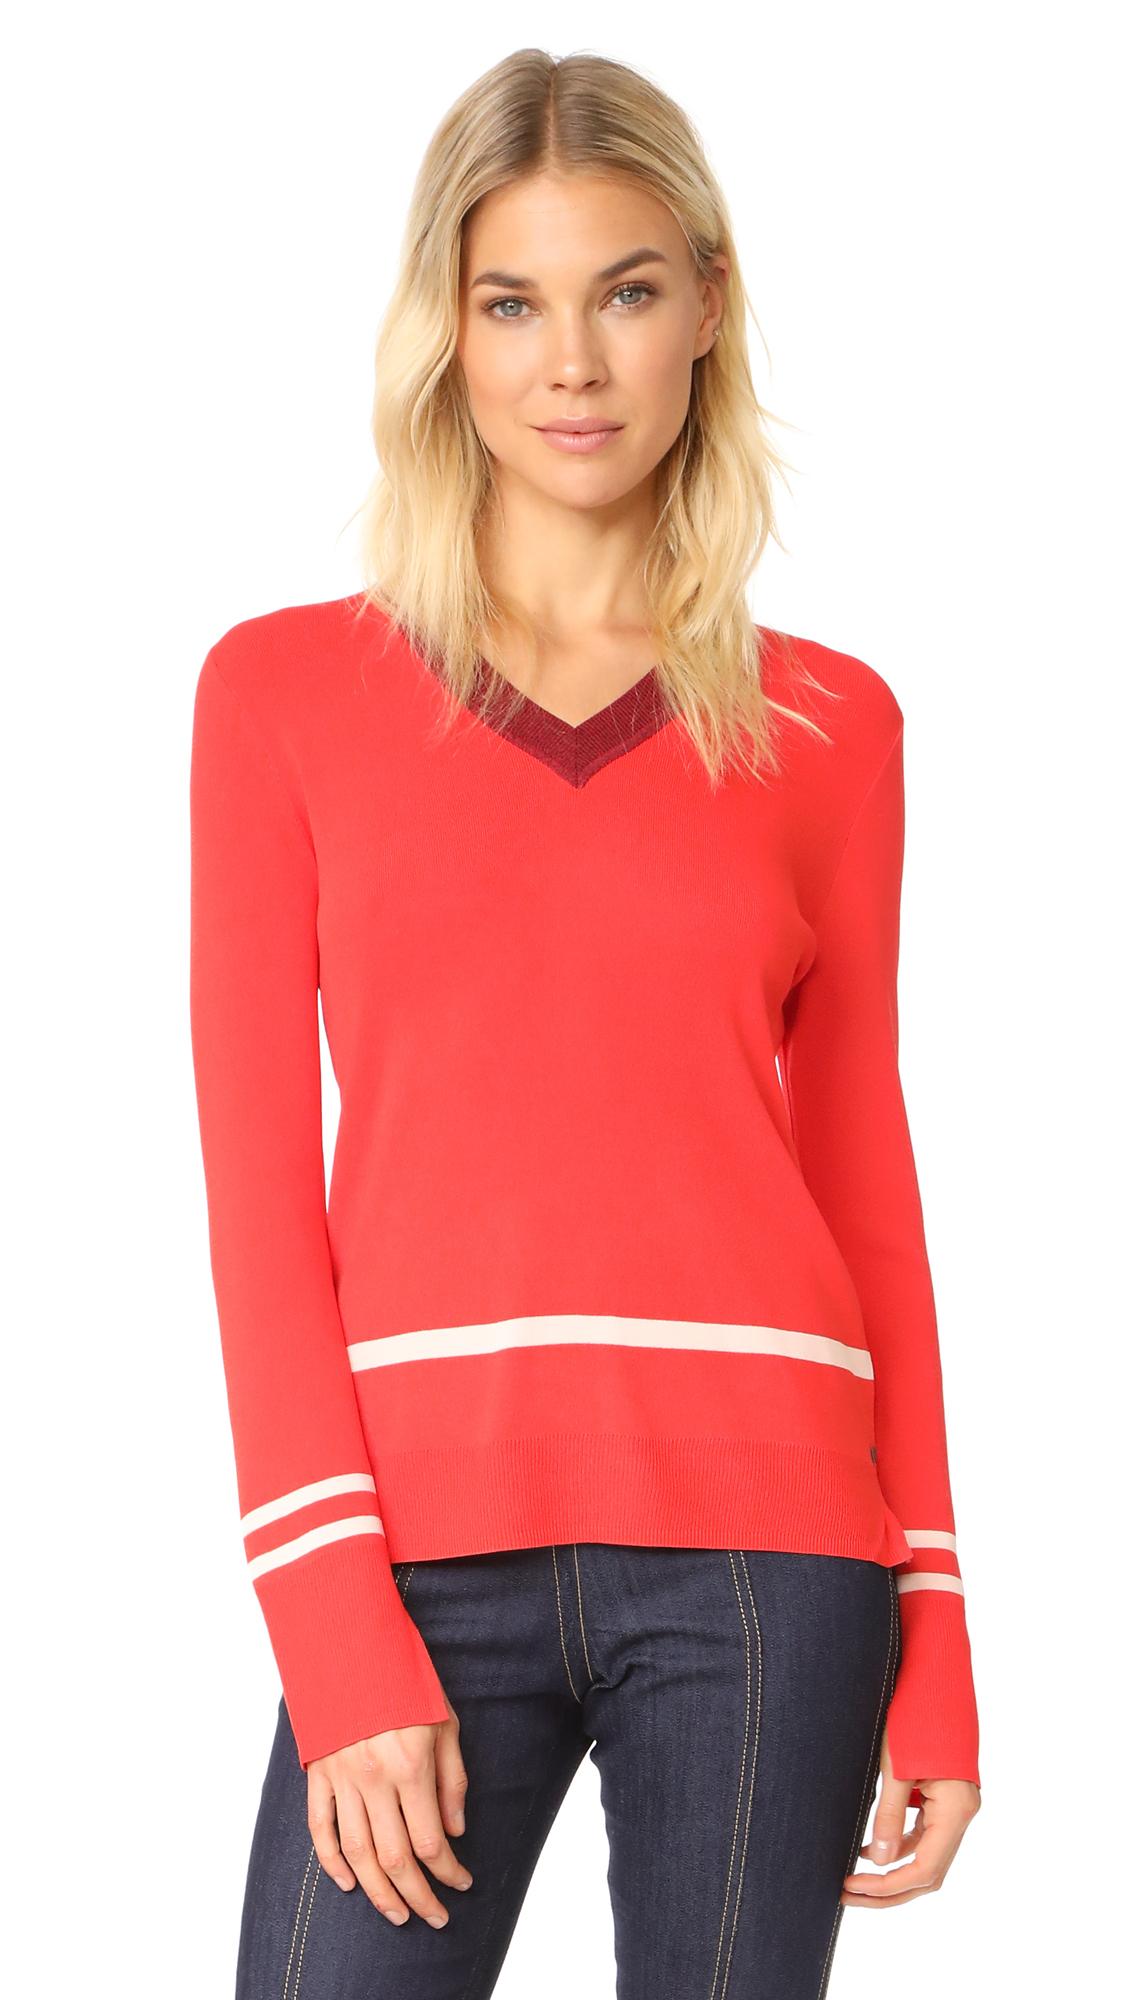 Scotch & Soda/Maison Scotch Sporty Sweater - Crimson